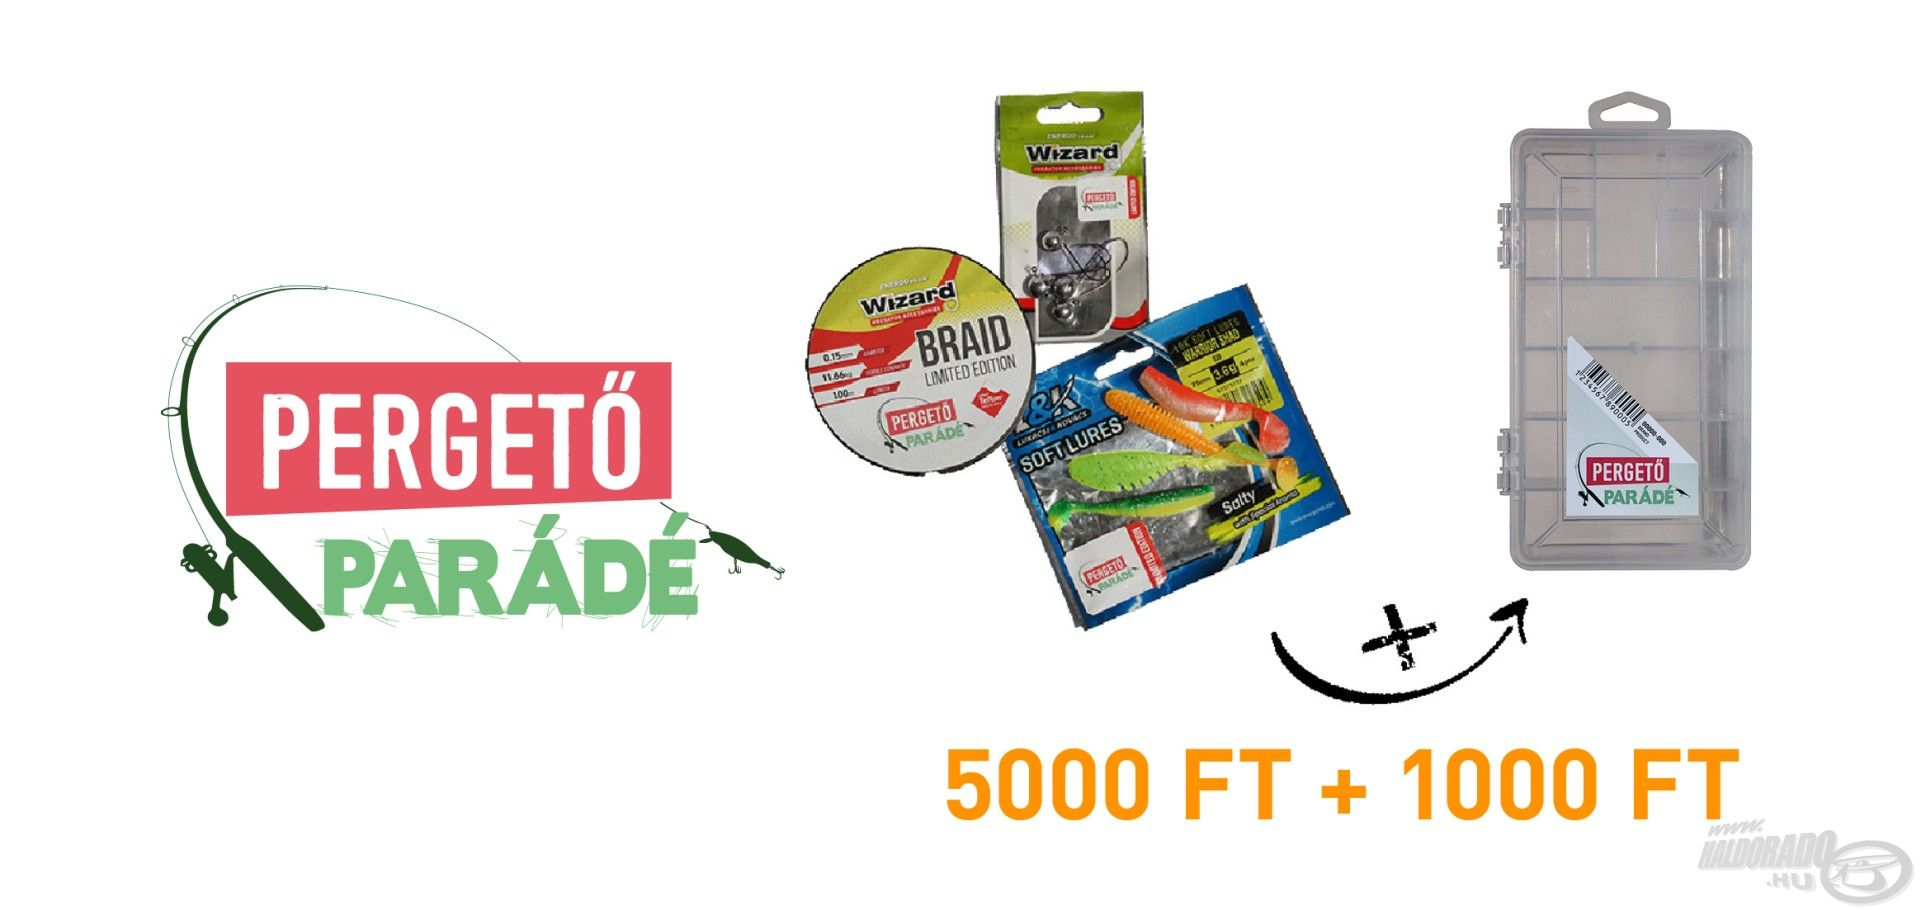 A Pergető Parádé ajándéka egy 5000 Ft értékű Wizzard és L&K csomag + az első 5000 látogató Kamasaki jubileumi dobozt is kap, melynek értéke 1000 Ft